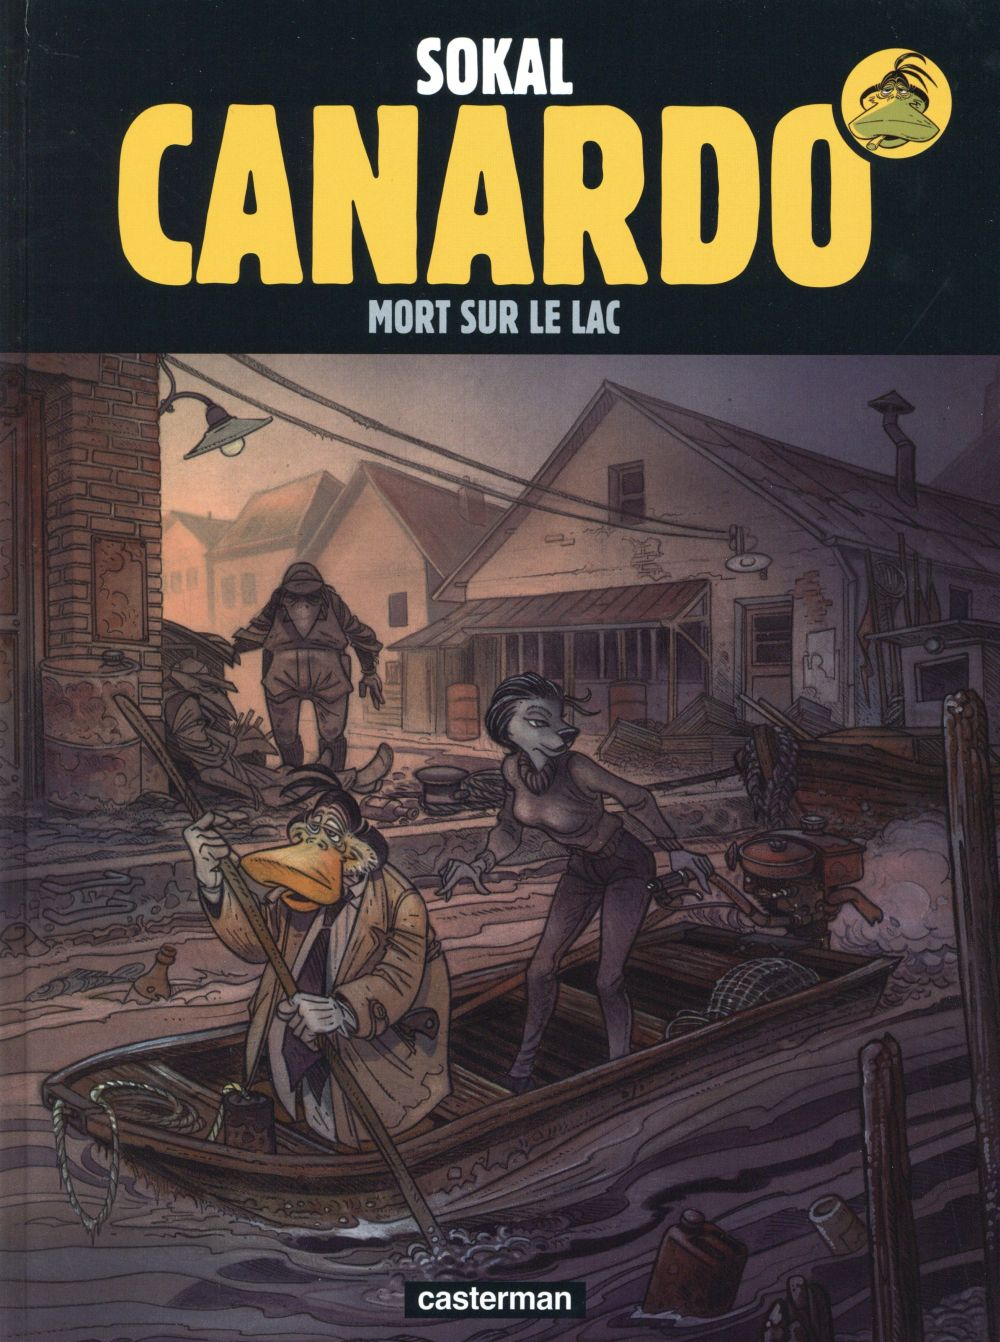 Canardo - 23 - Mort sur le lac - Sokal - Regnault- couverture